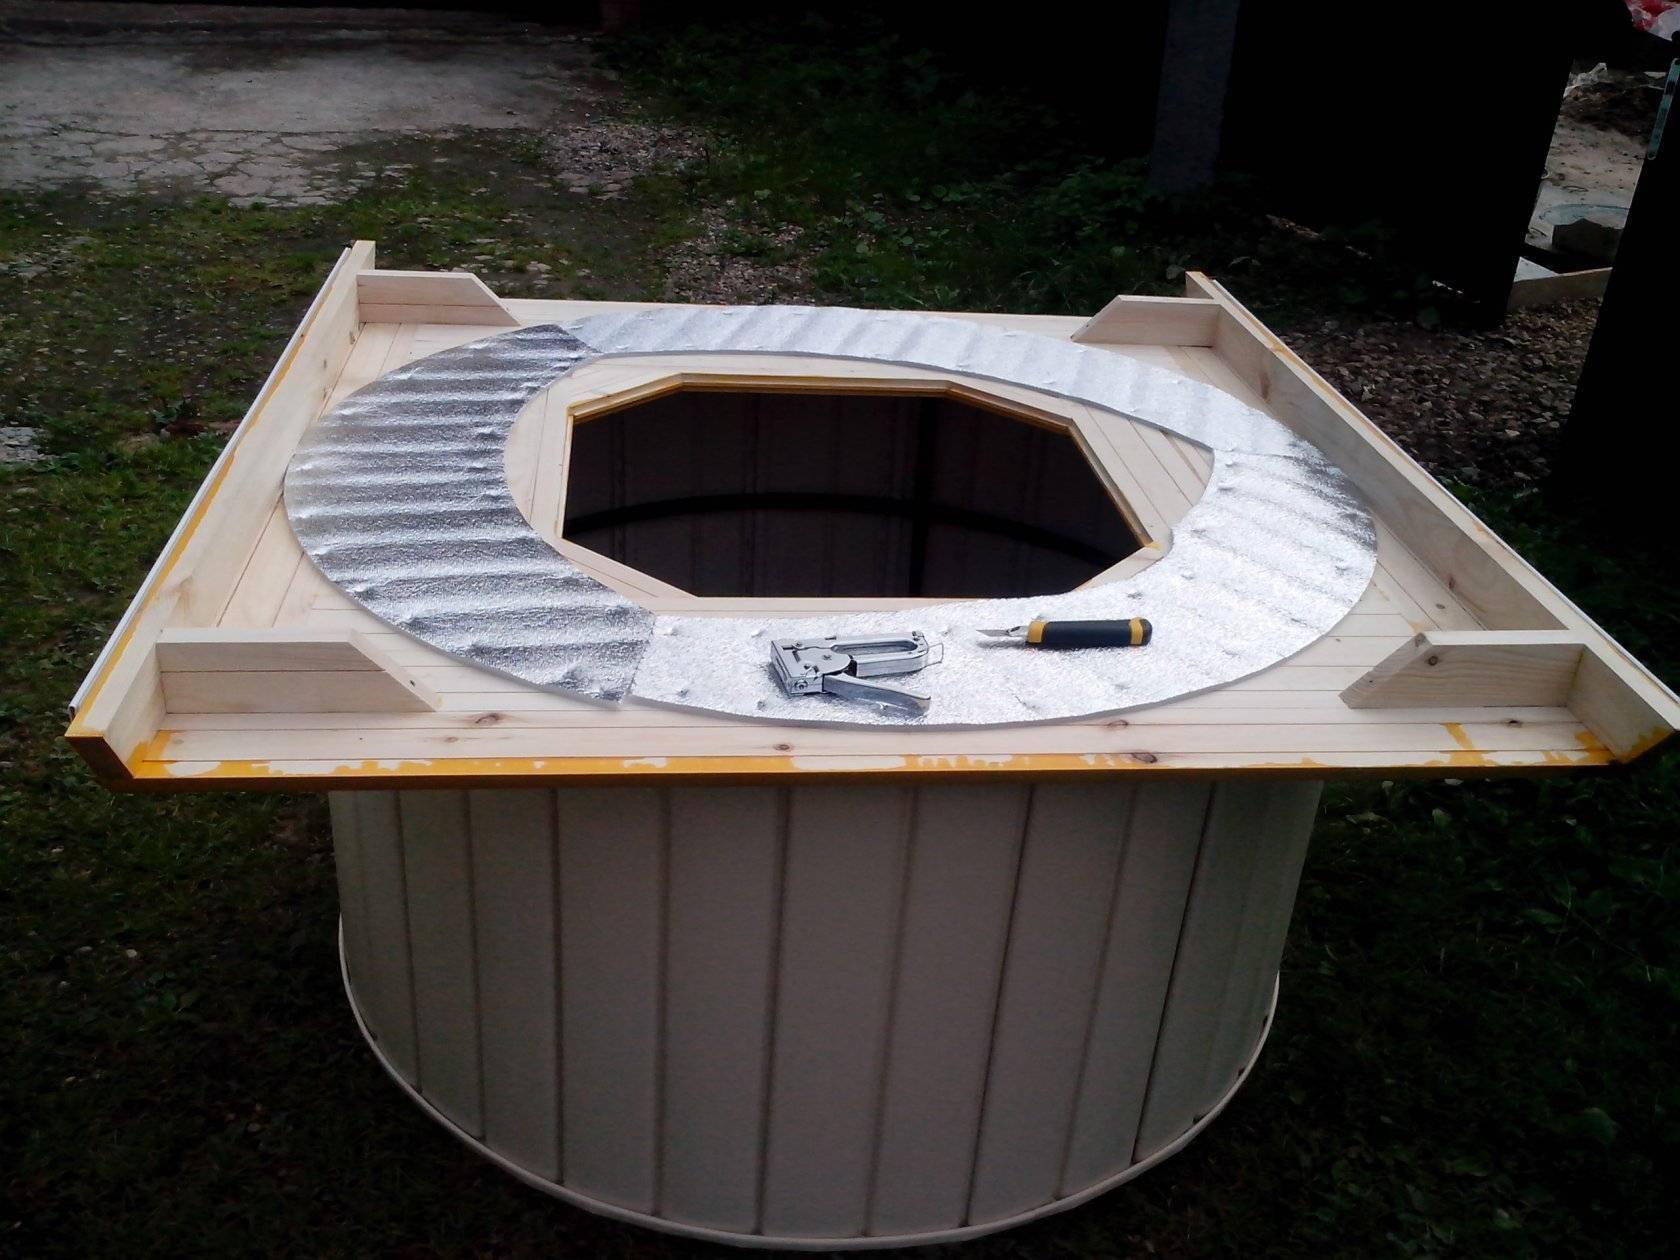 Пошаговая инструкция, как сделать домик для колодца своими руками